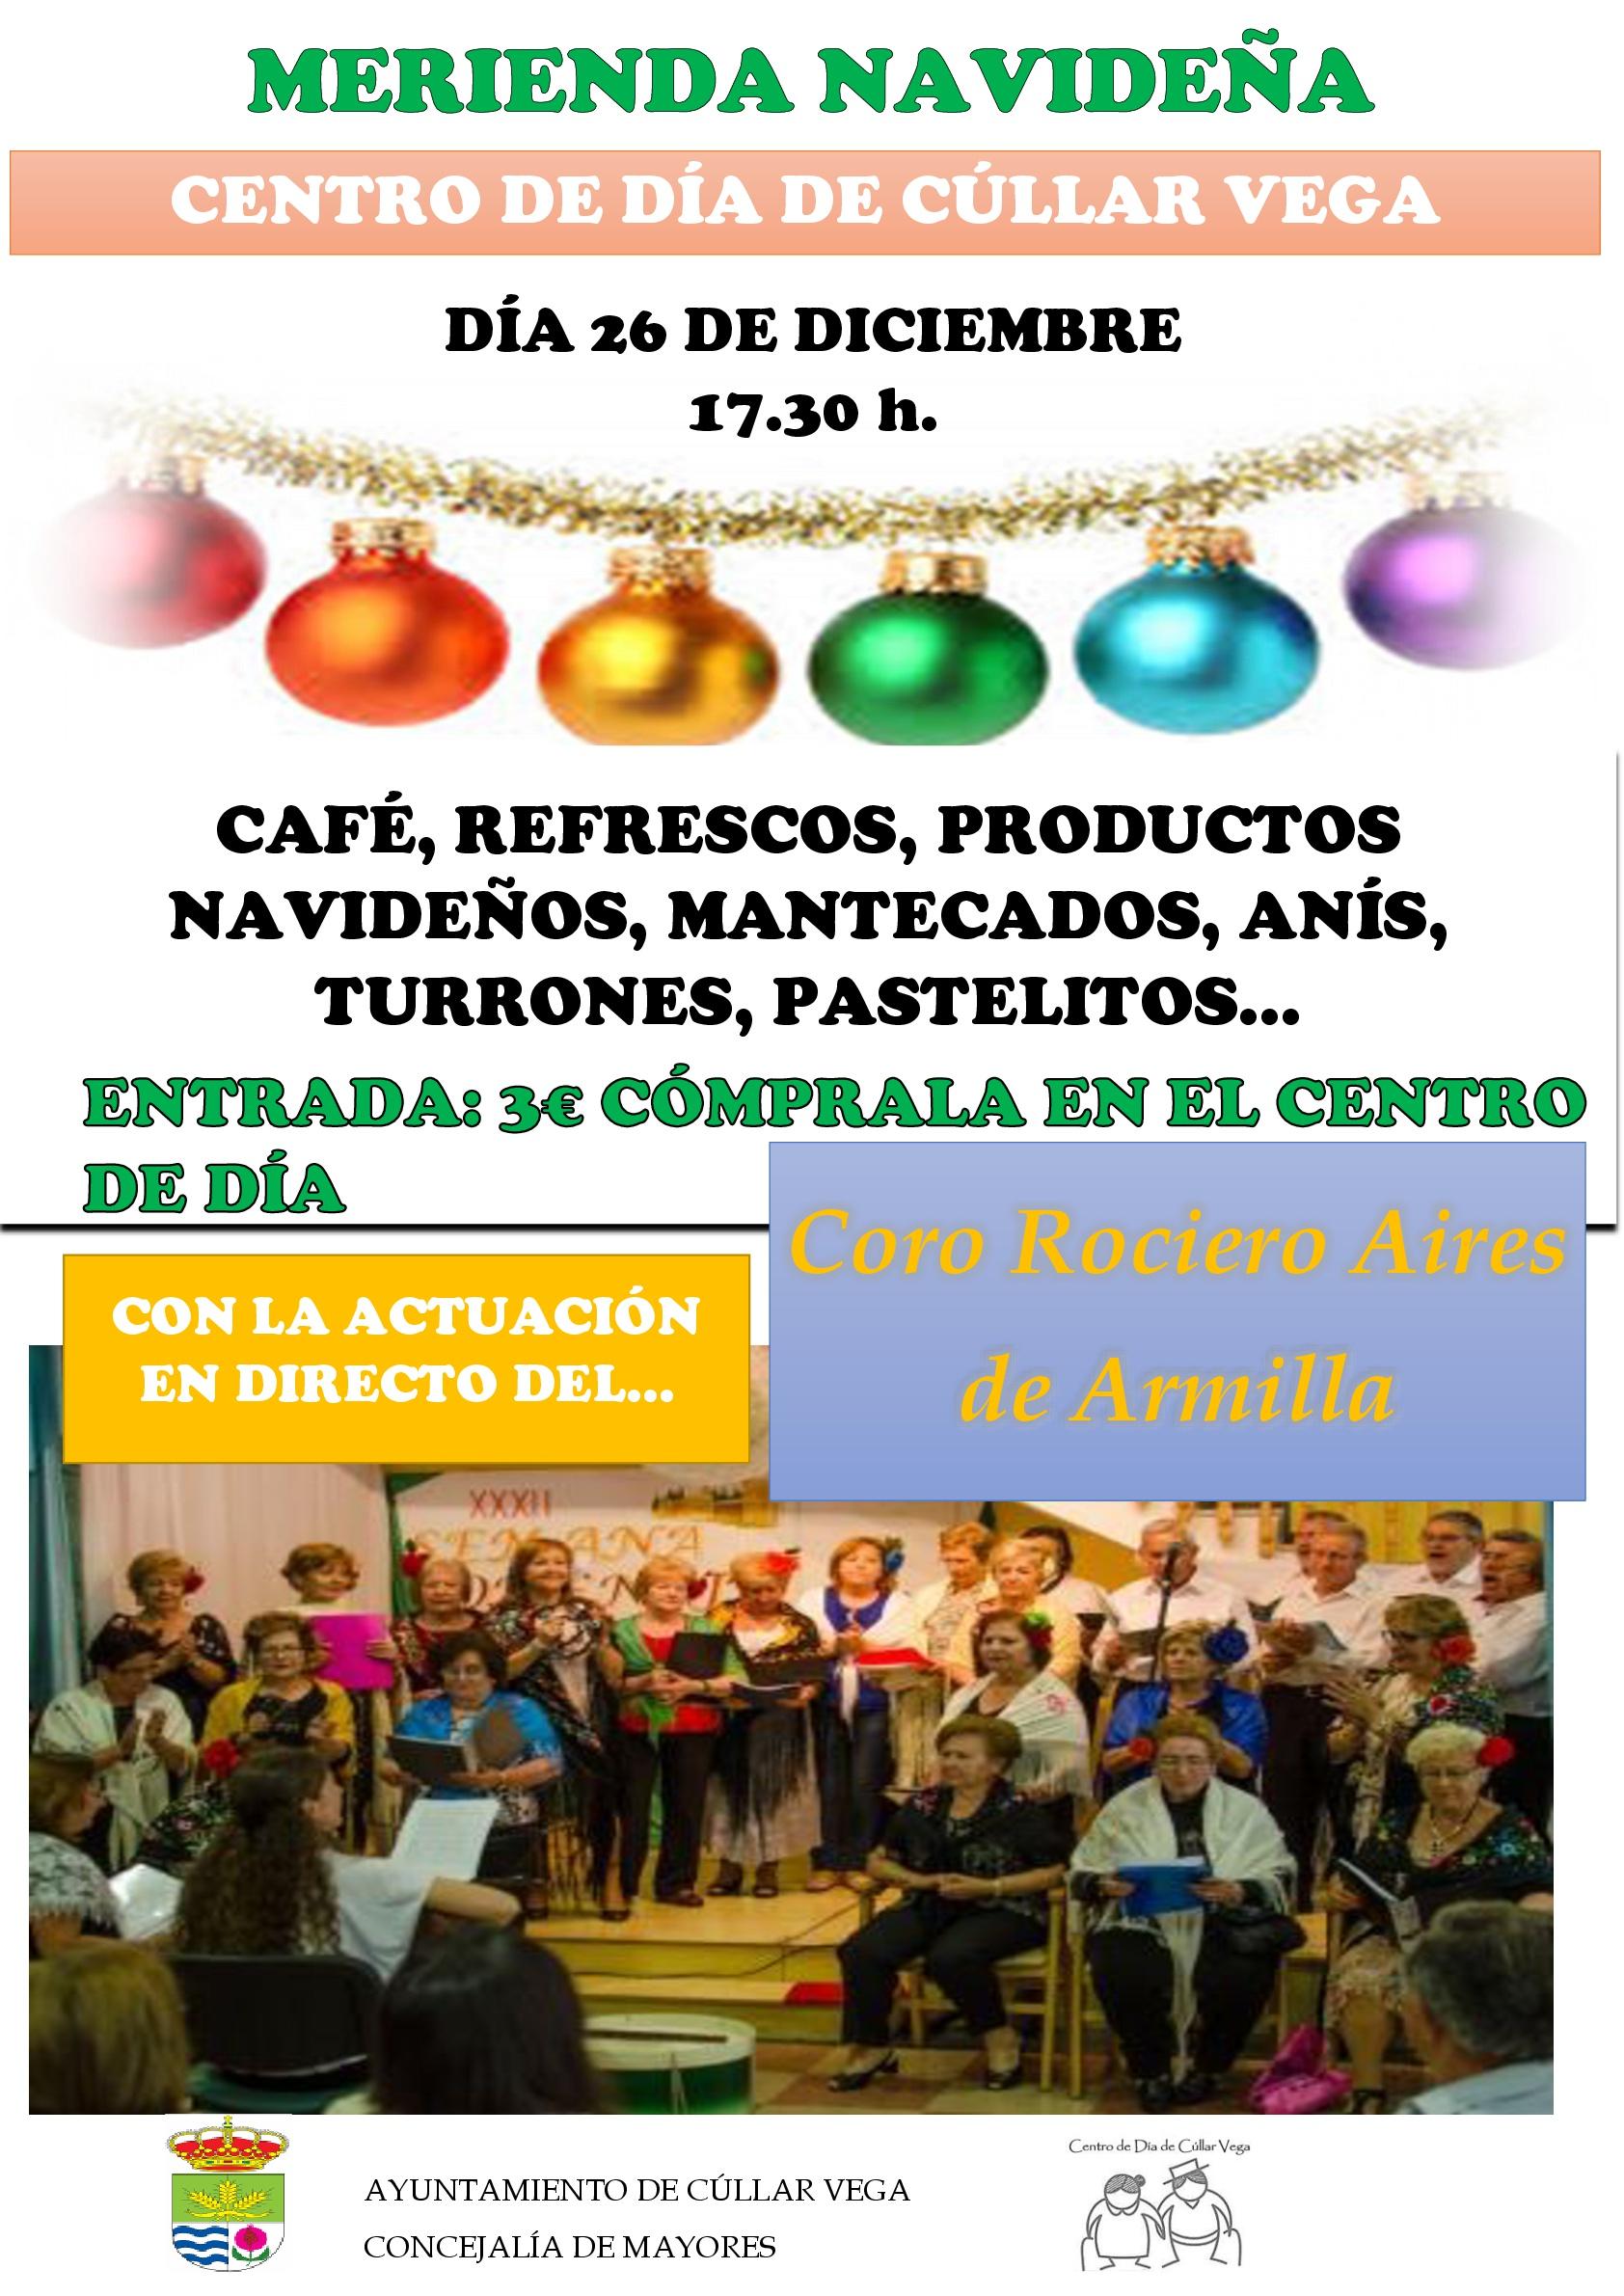 Merienda Navideña en el Centro de Día